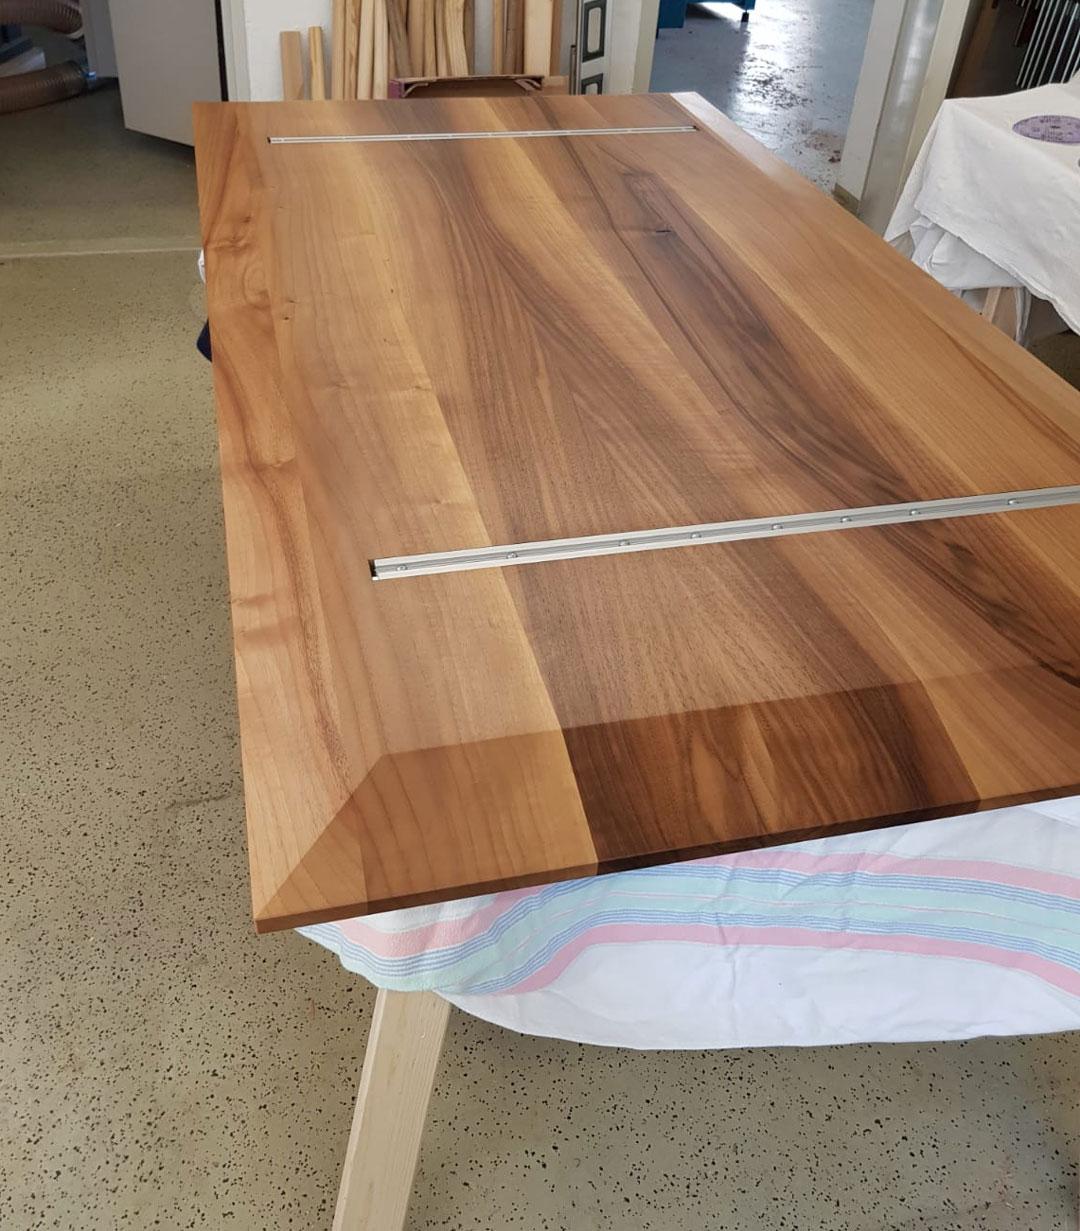 Ansicht der Esstisch-Platte aus Nussholz von unten